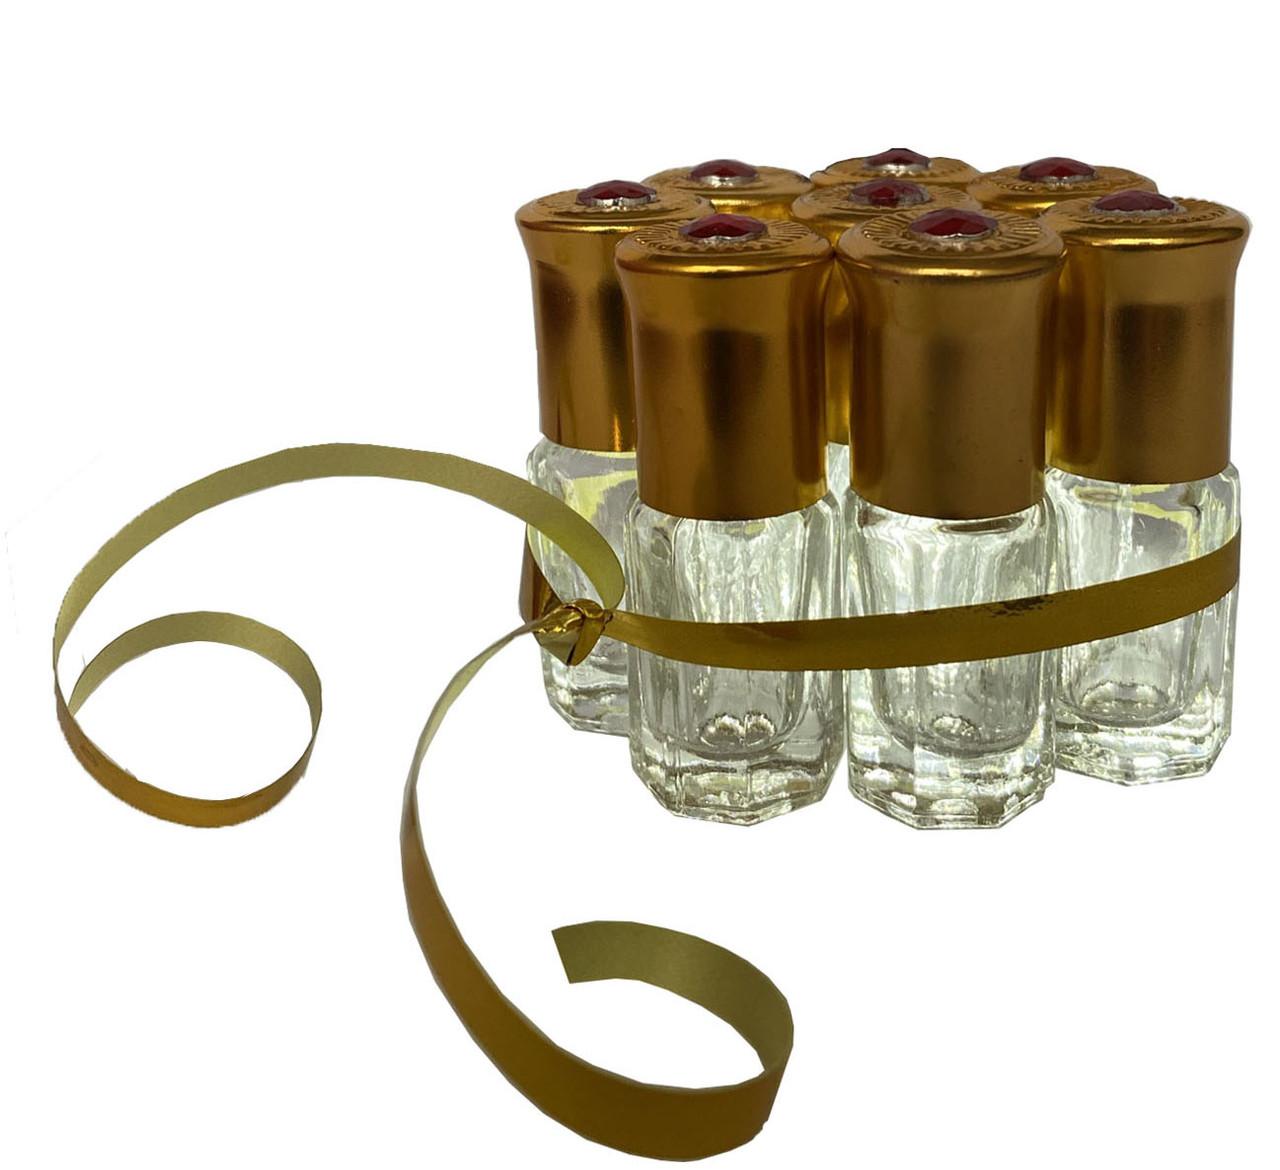 Флакон-роллер  с шариком стеклянный   парфюмерный 2 - 3 мл  для масел